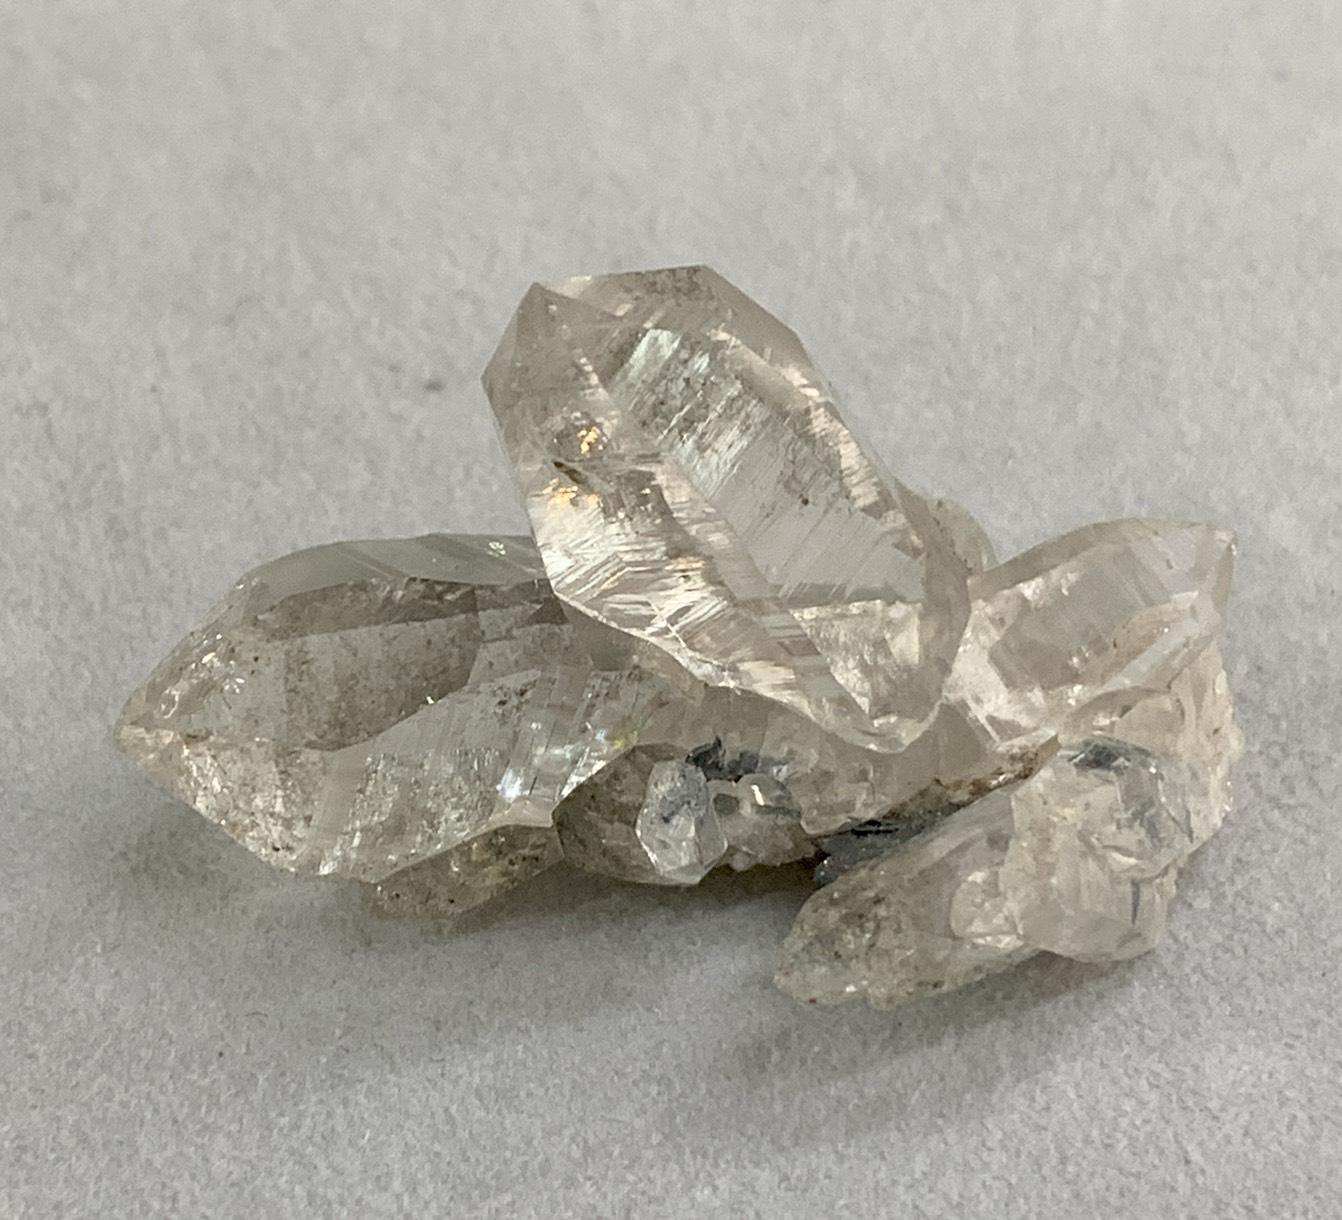 ガネーシュヒマール水晶原石 30g (ヒマラヤ水晶)